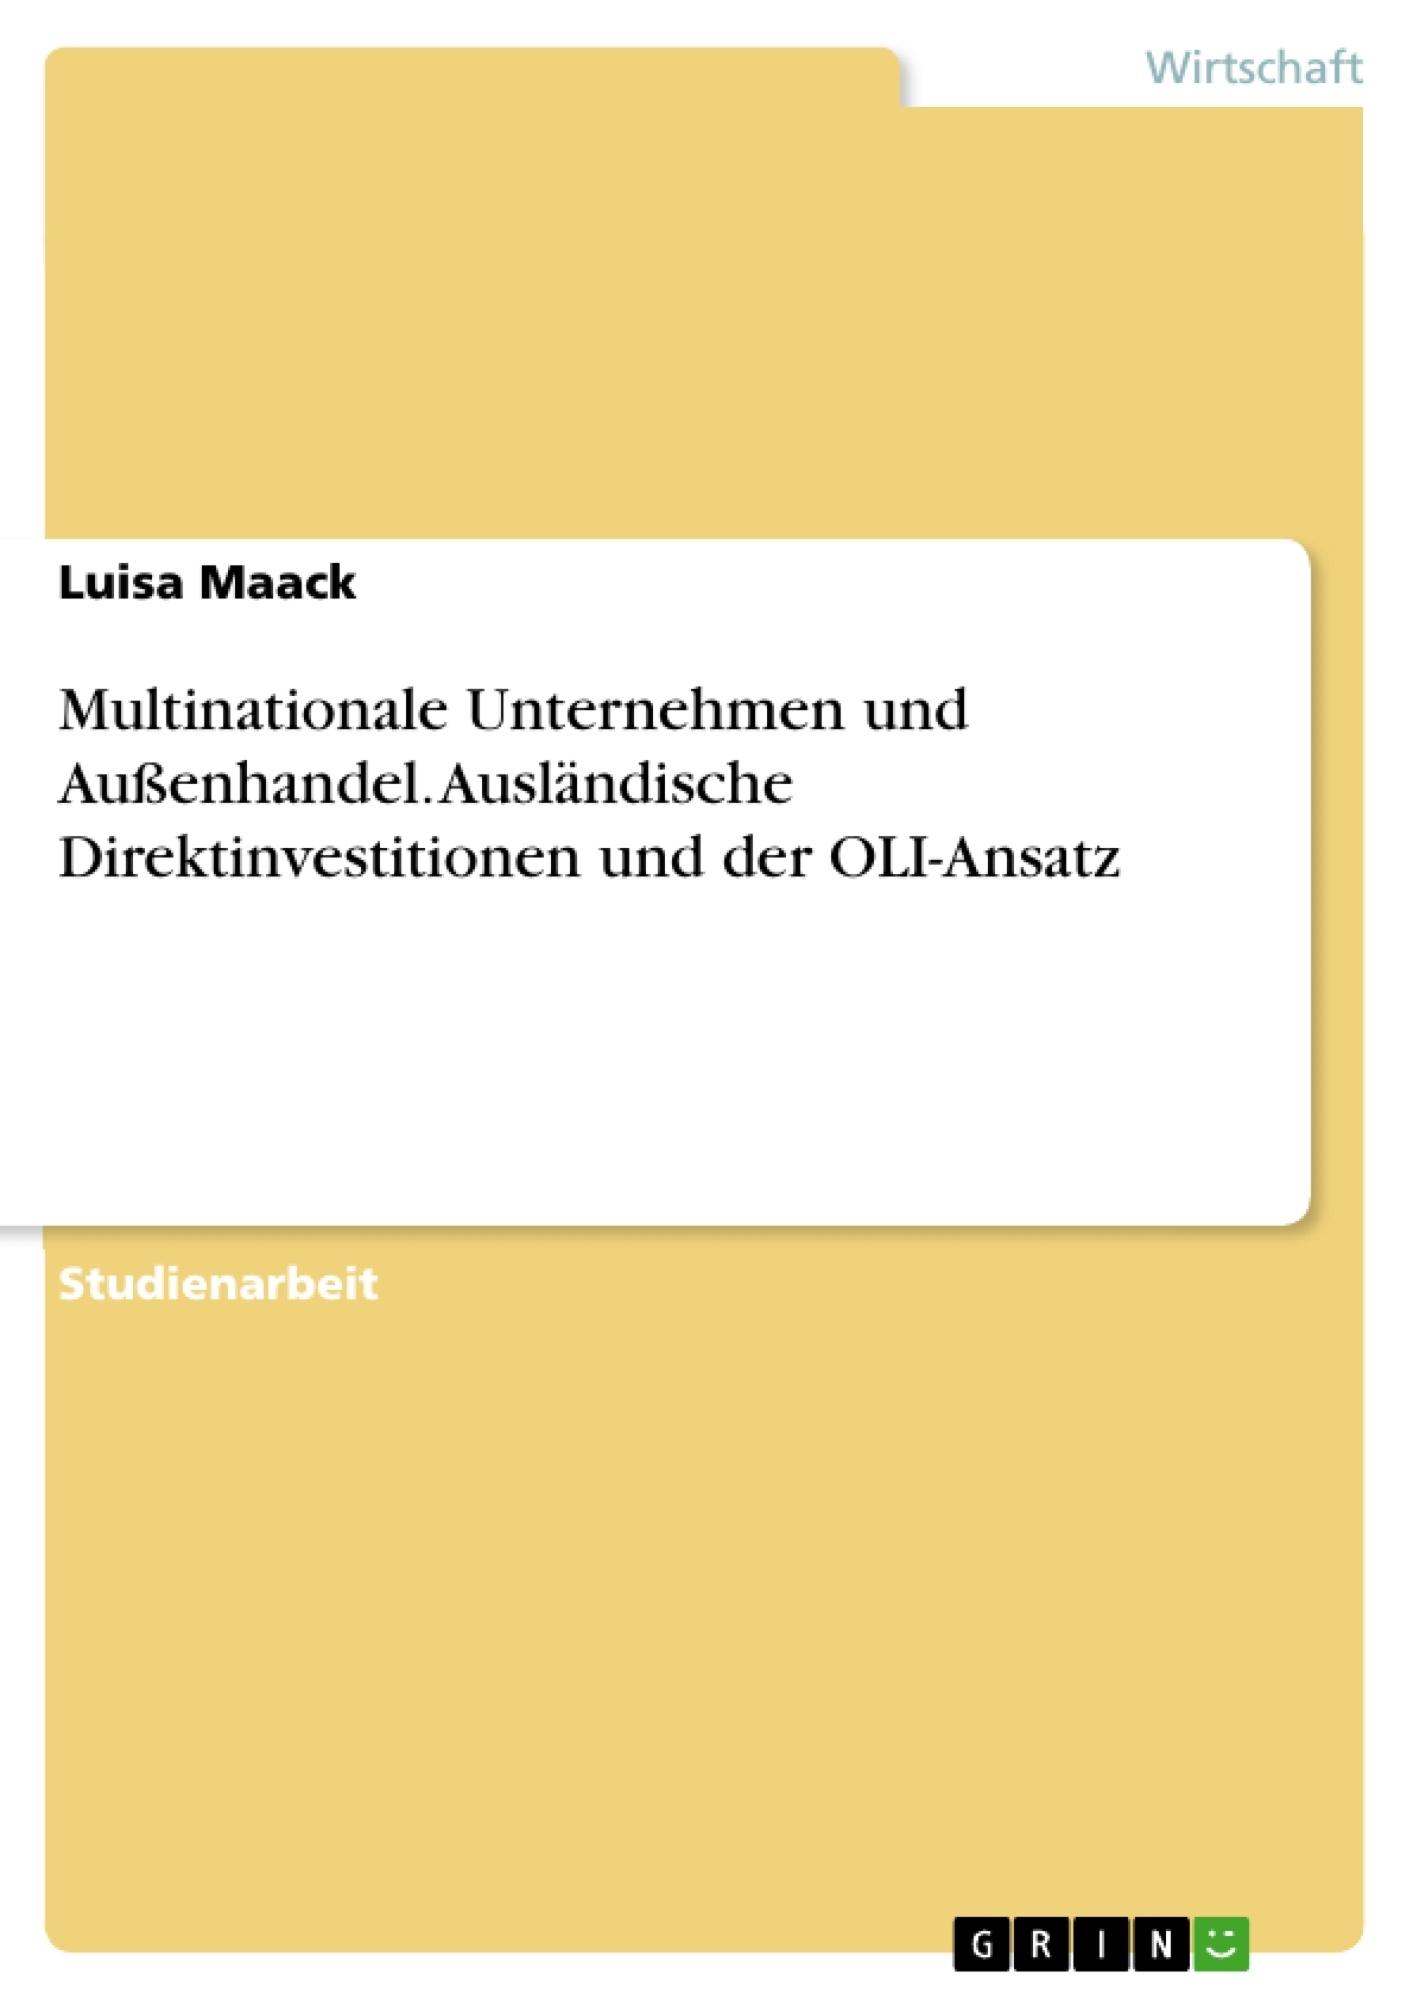 Titel: Multinationale Unternehmen und Außenhandel. Ausländische Direktinvestitionen und der OLI-Ansatz